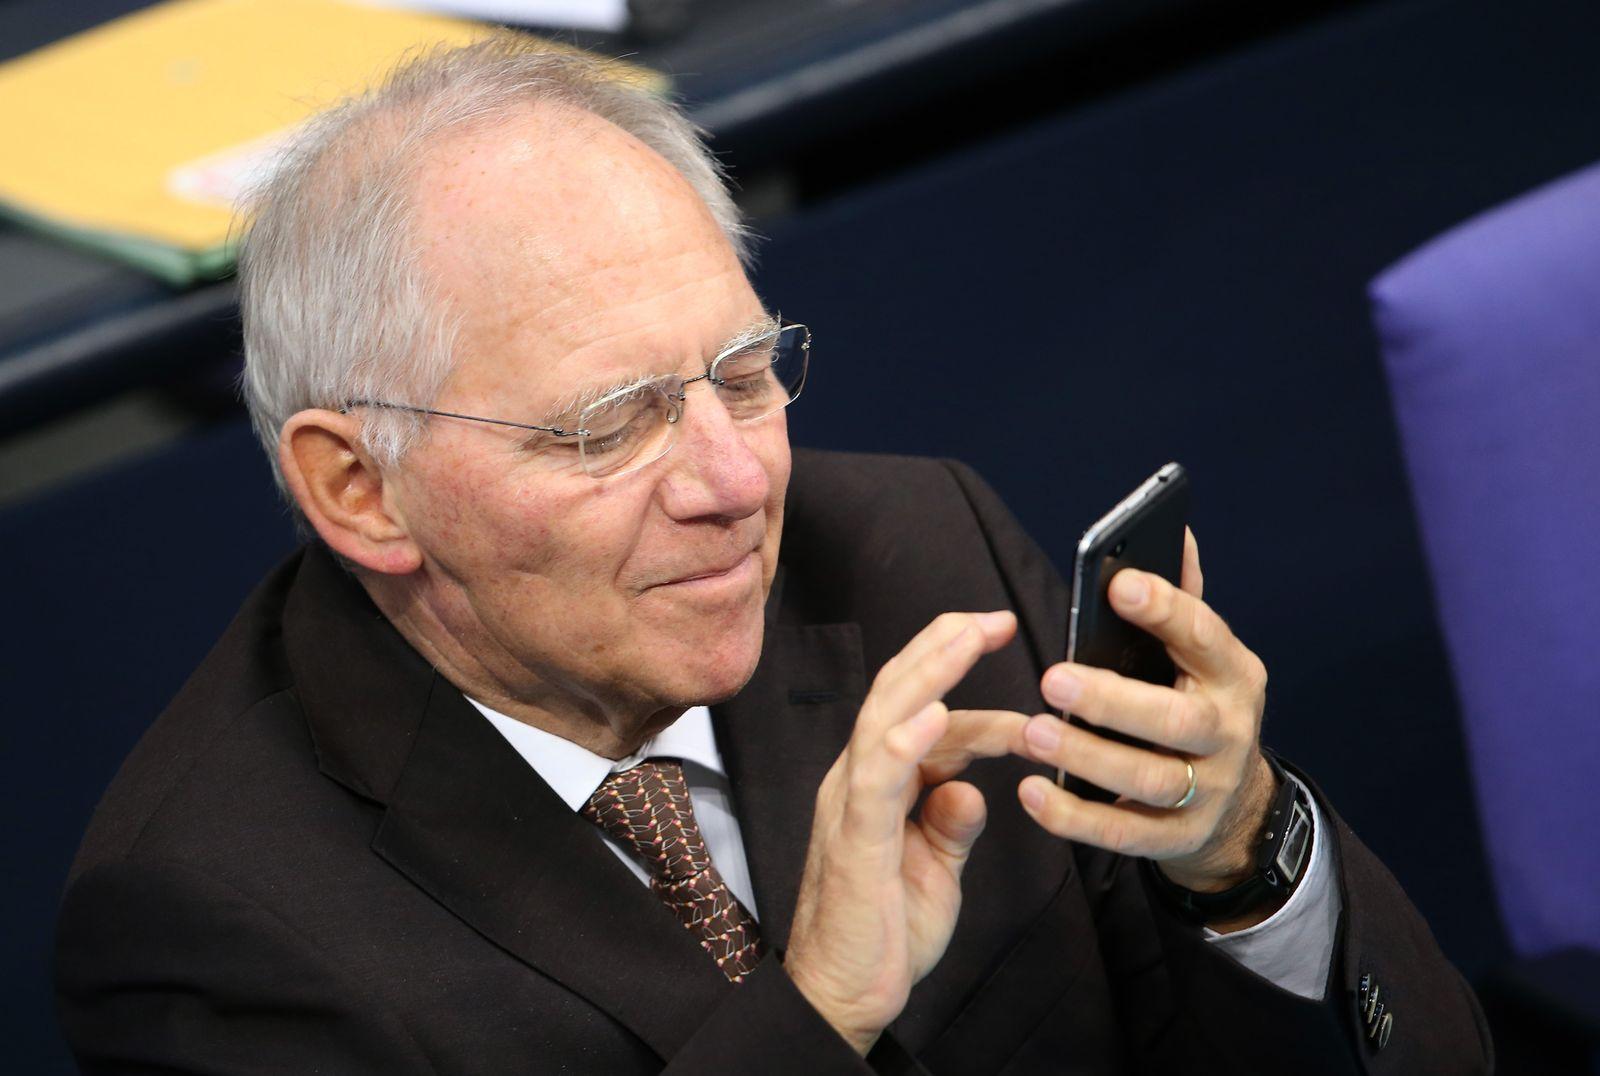 Wolfgang Schäuble/ Handy/ Smartphone/ Bundestag Haushaltsdebatte